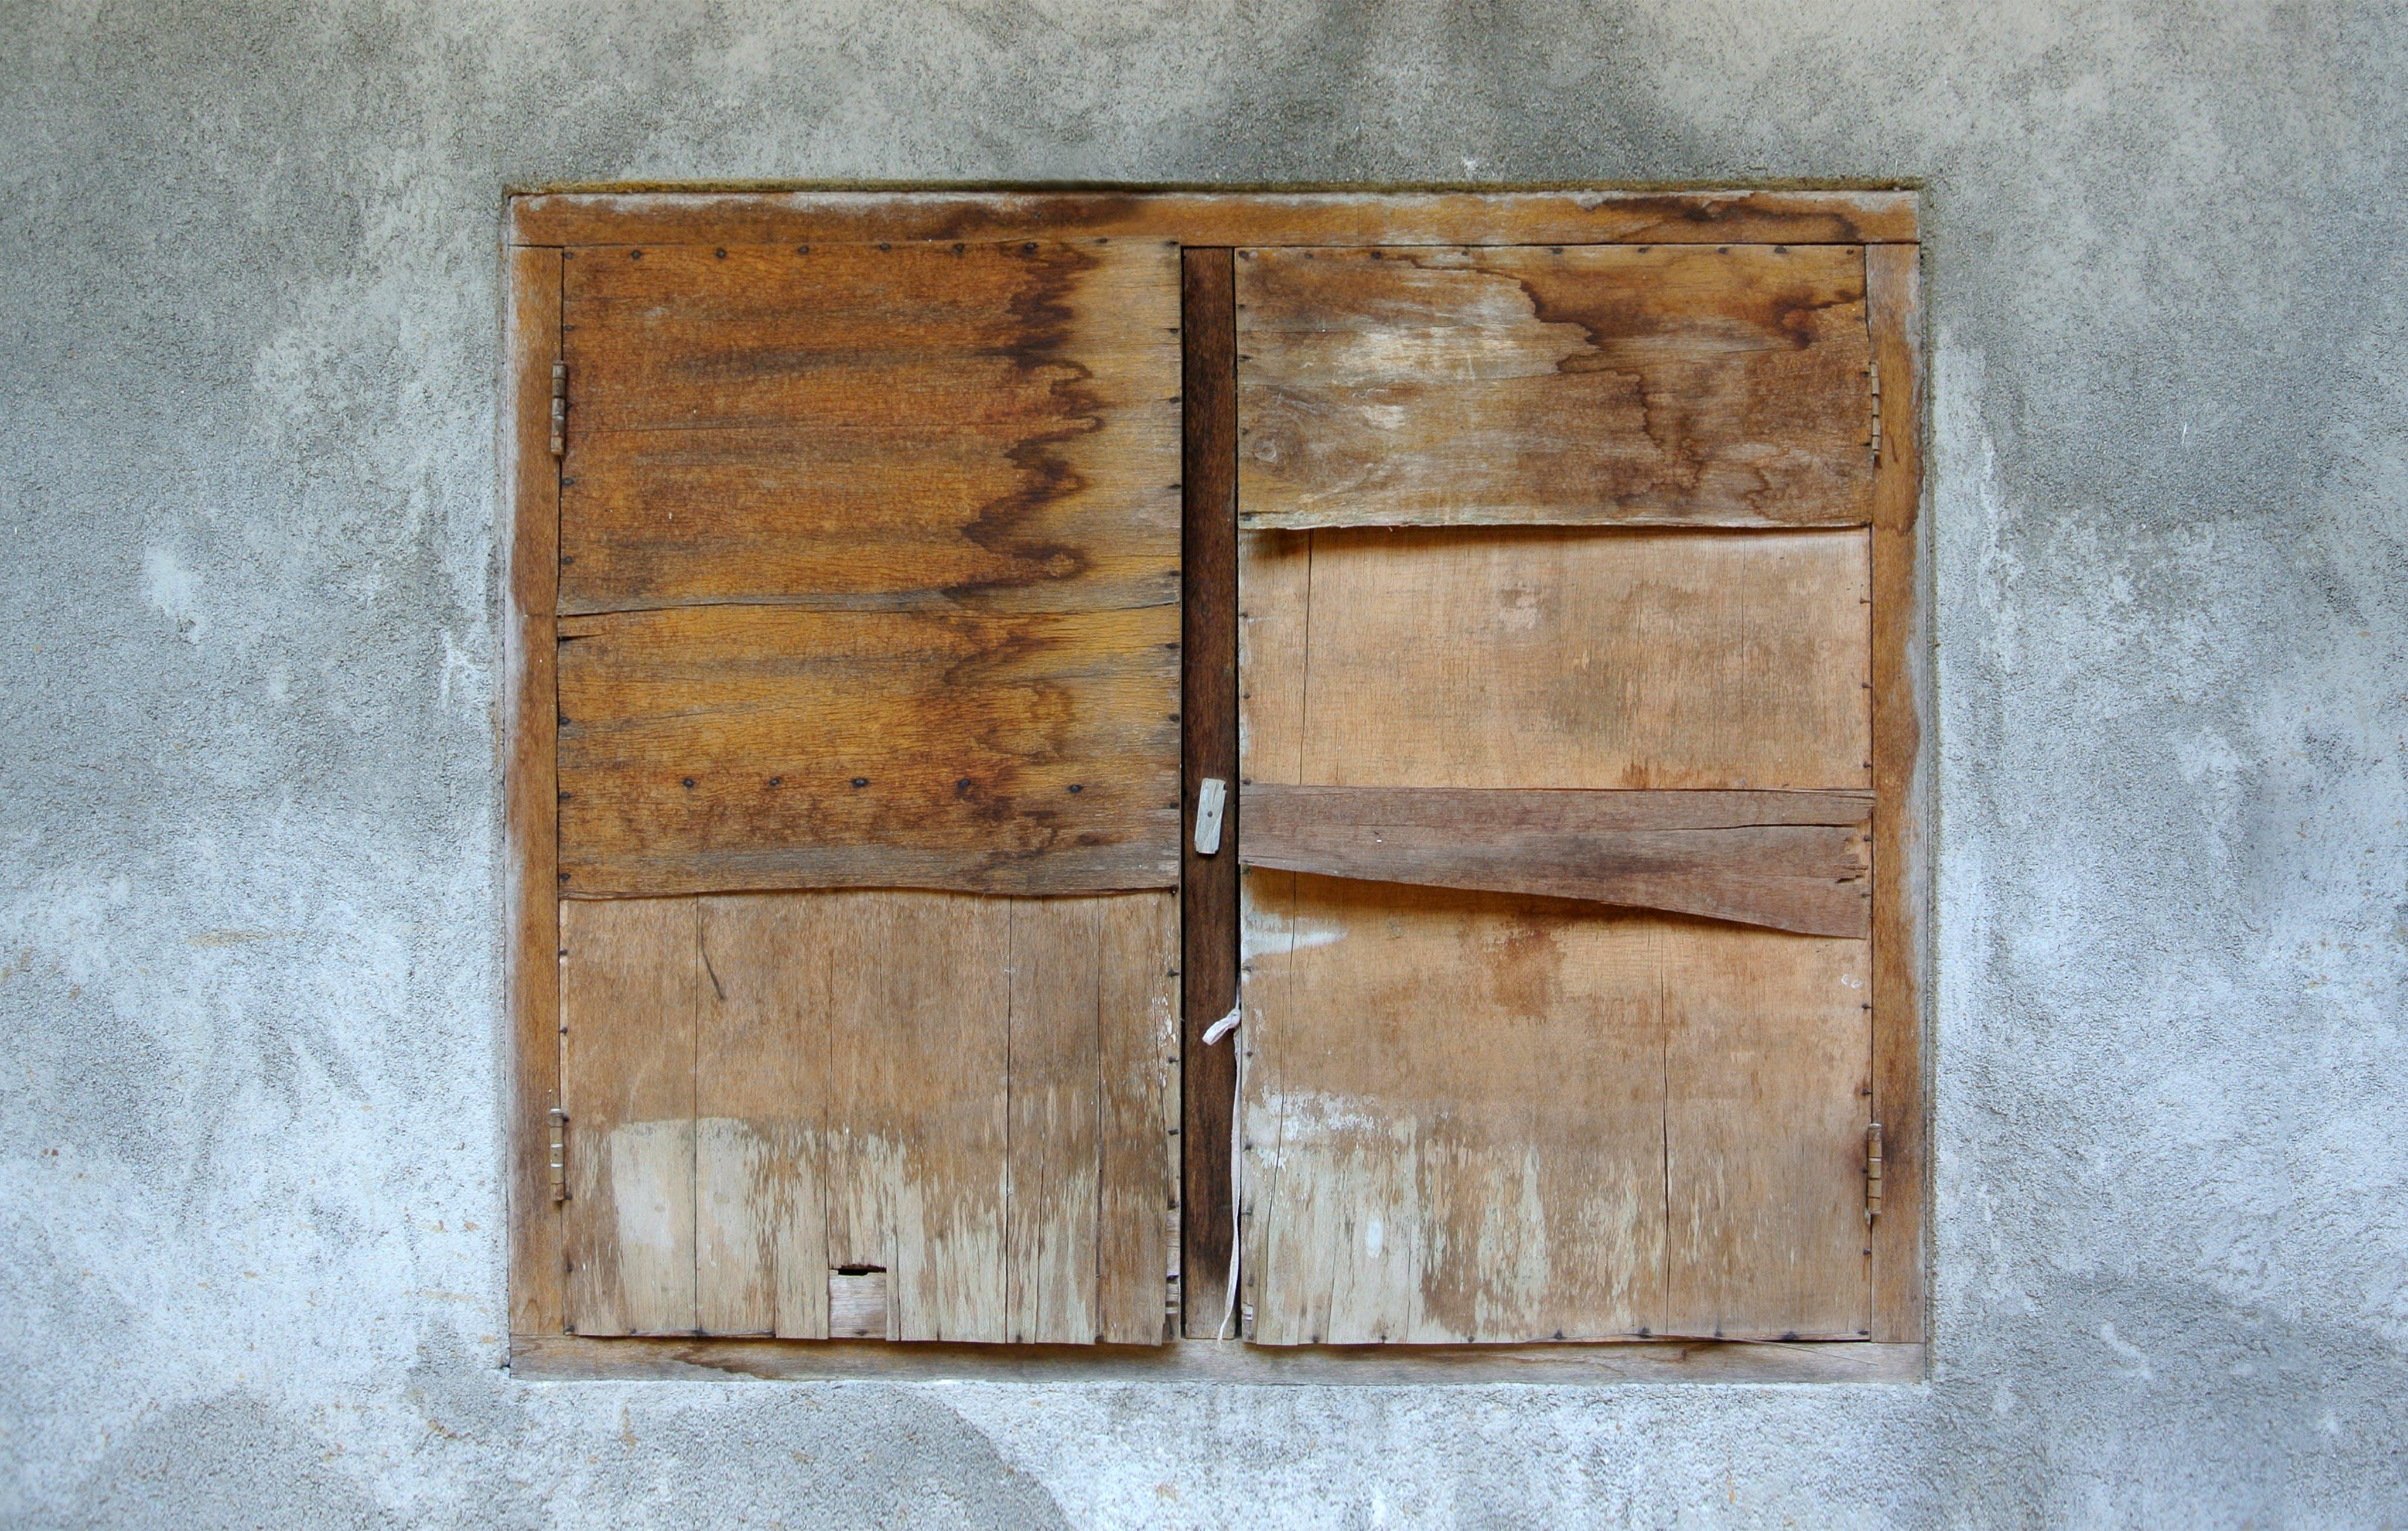 封閉的木窗, 巴厘島, 巴厘島的, 木窗 的 免費圖庫相片